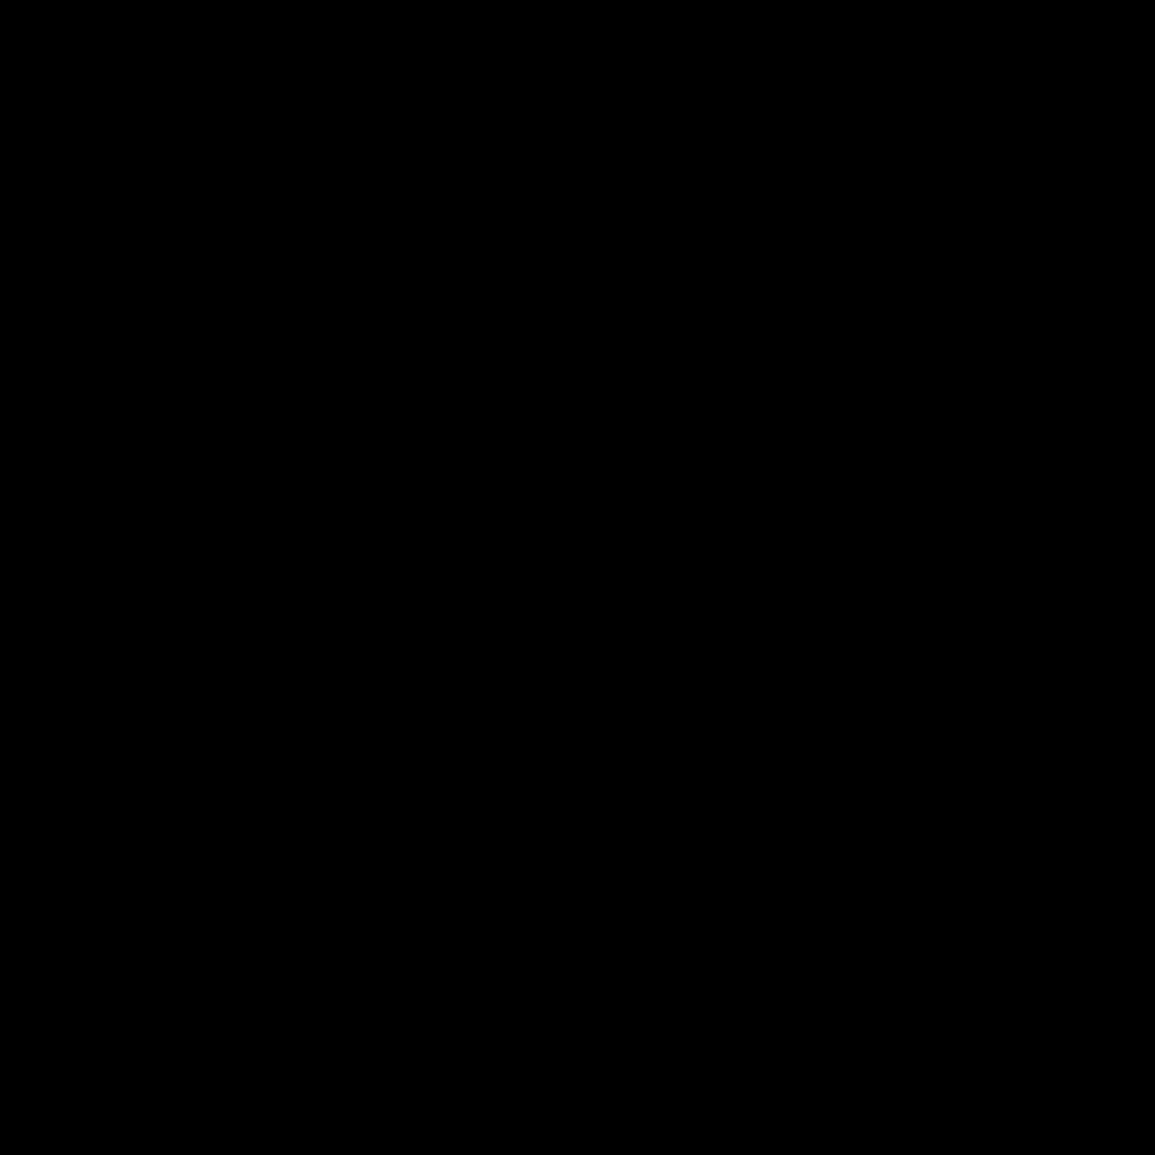 石井楷書 NL-A 字形見本